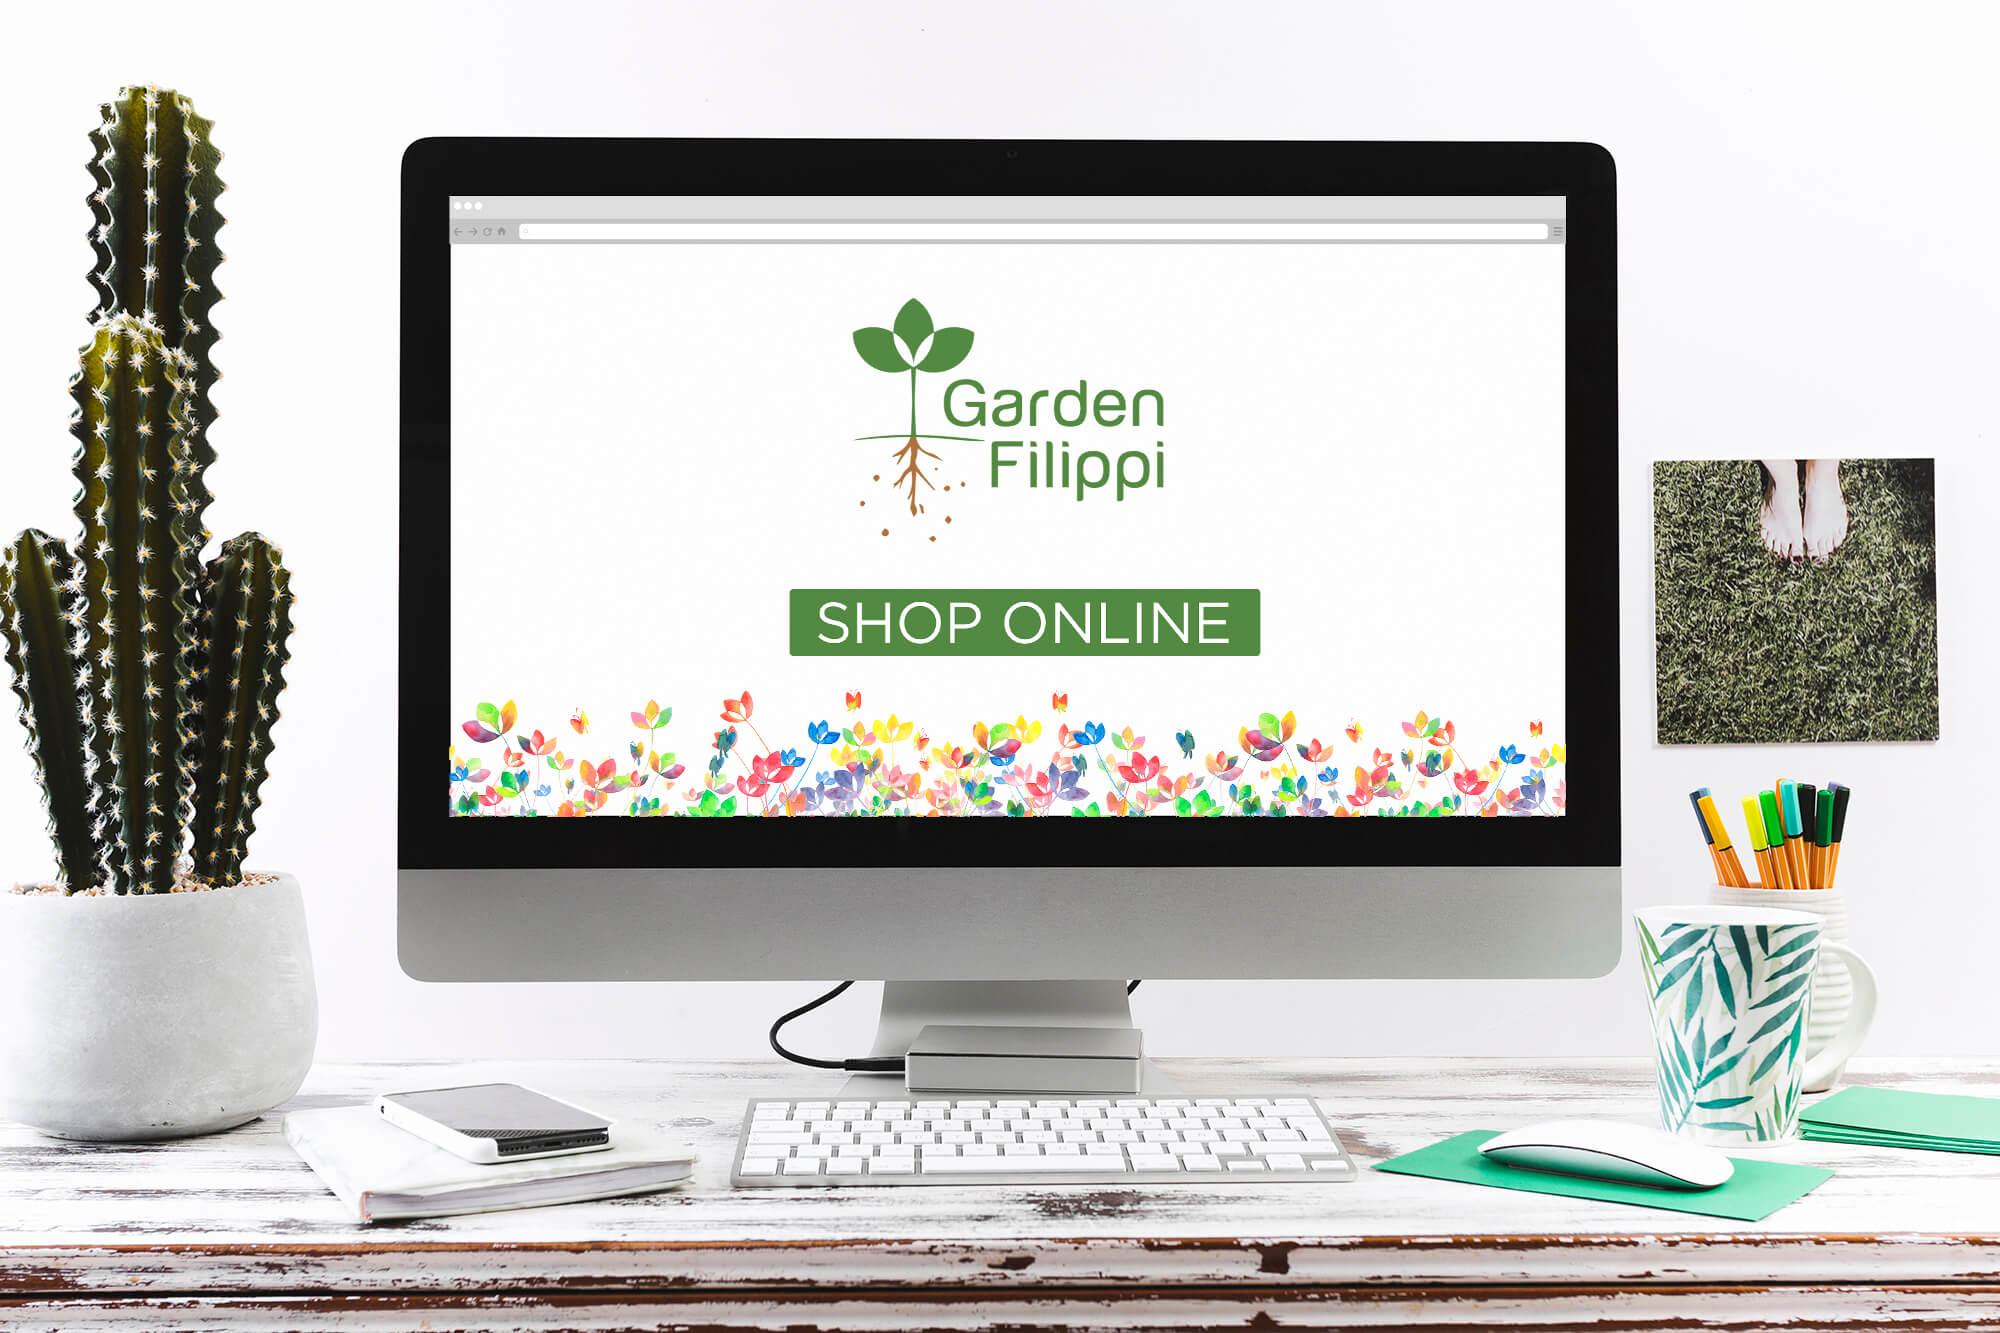 copertina negozio online - garden filippi vicenza